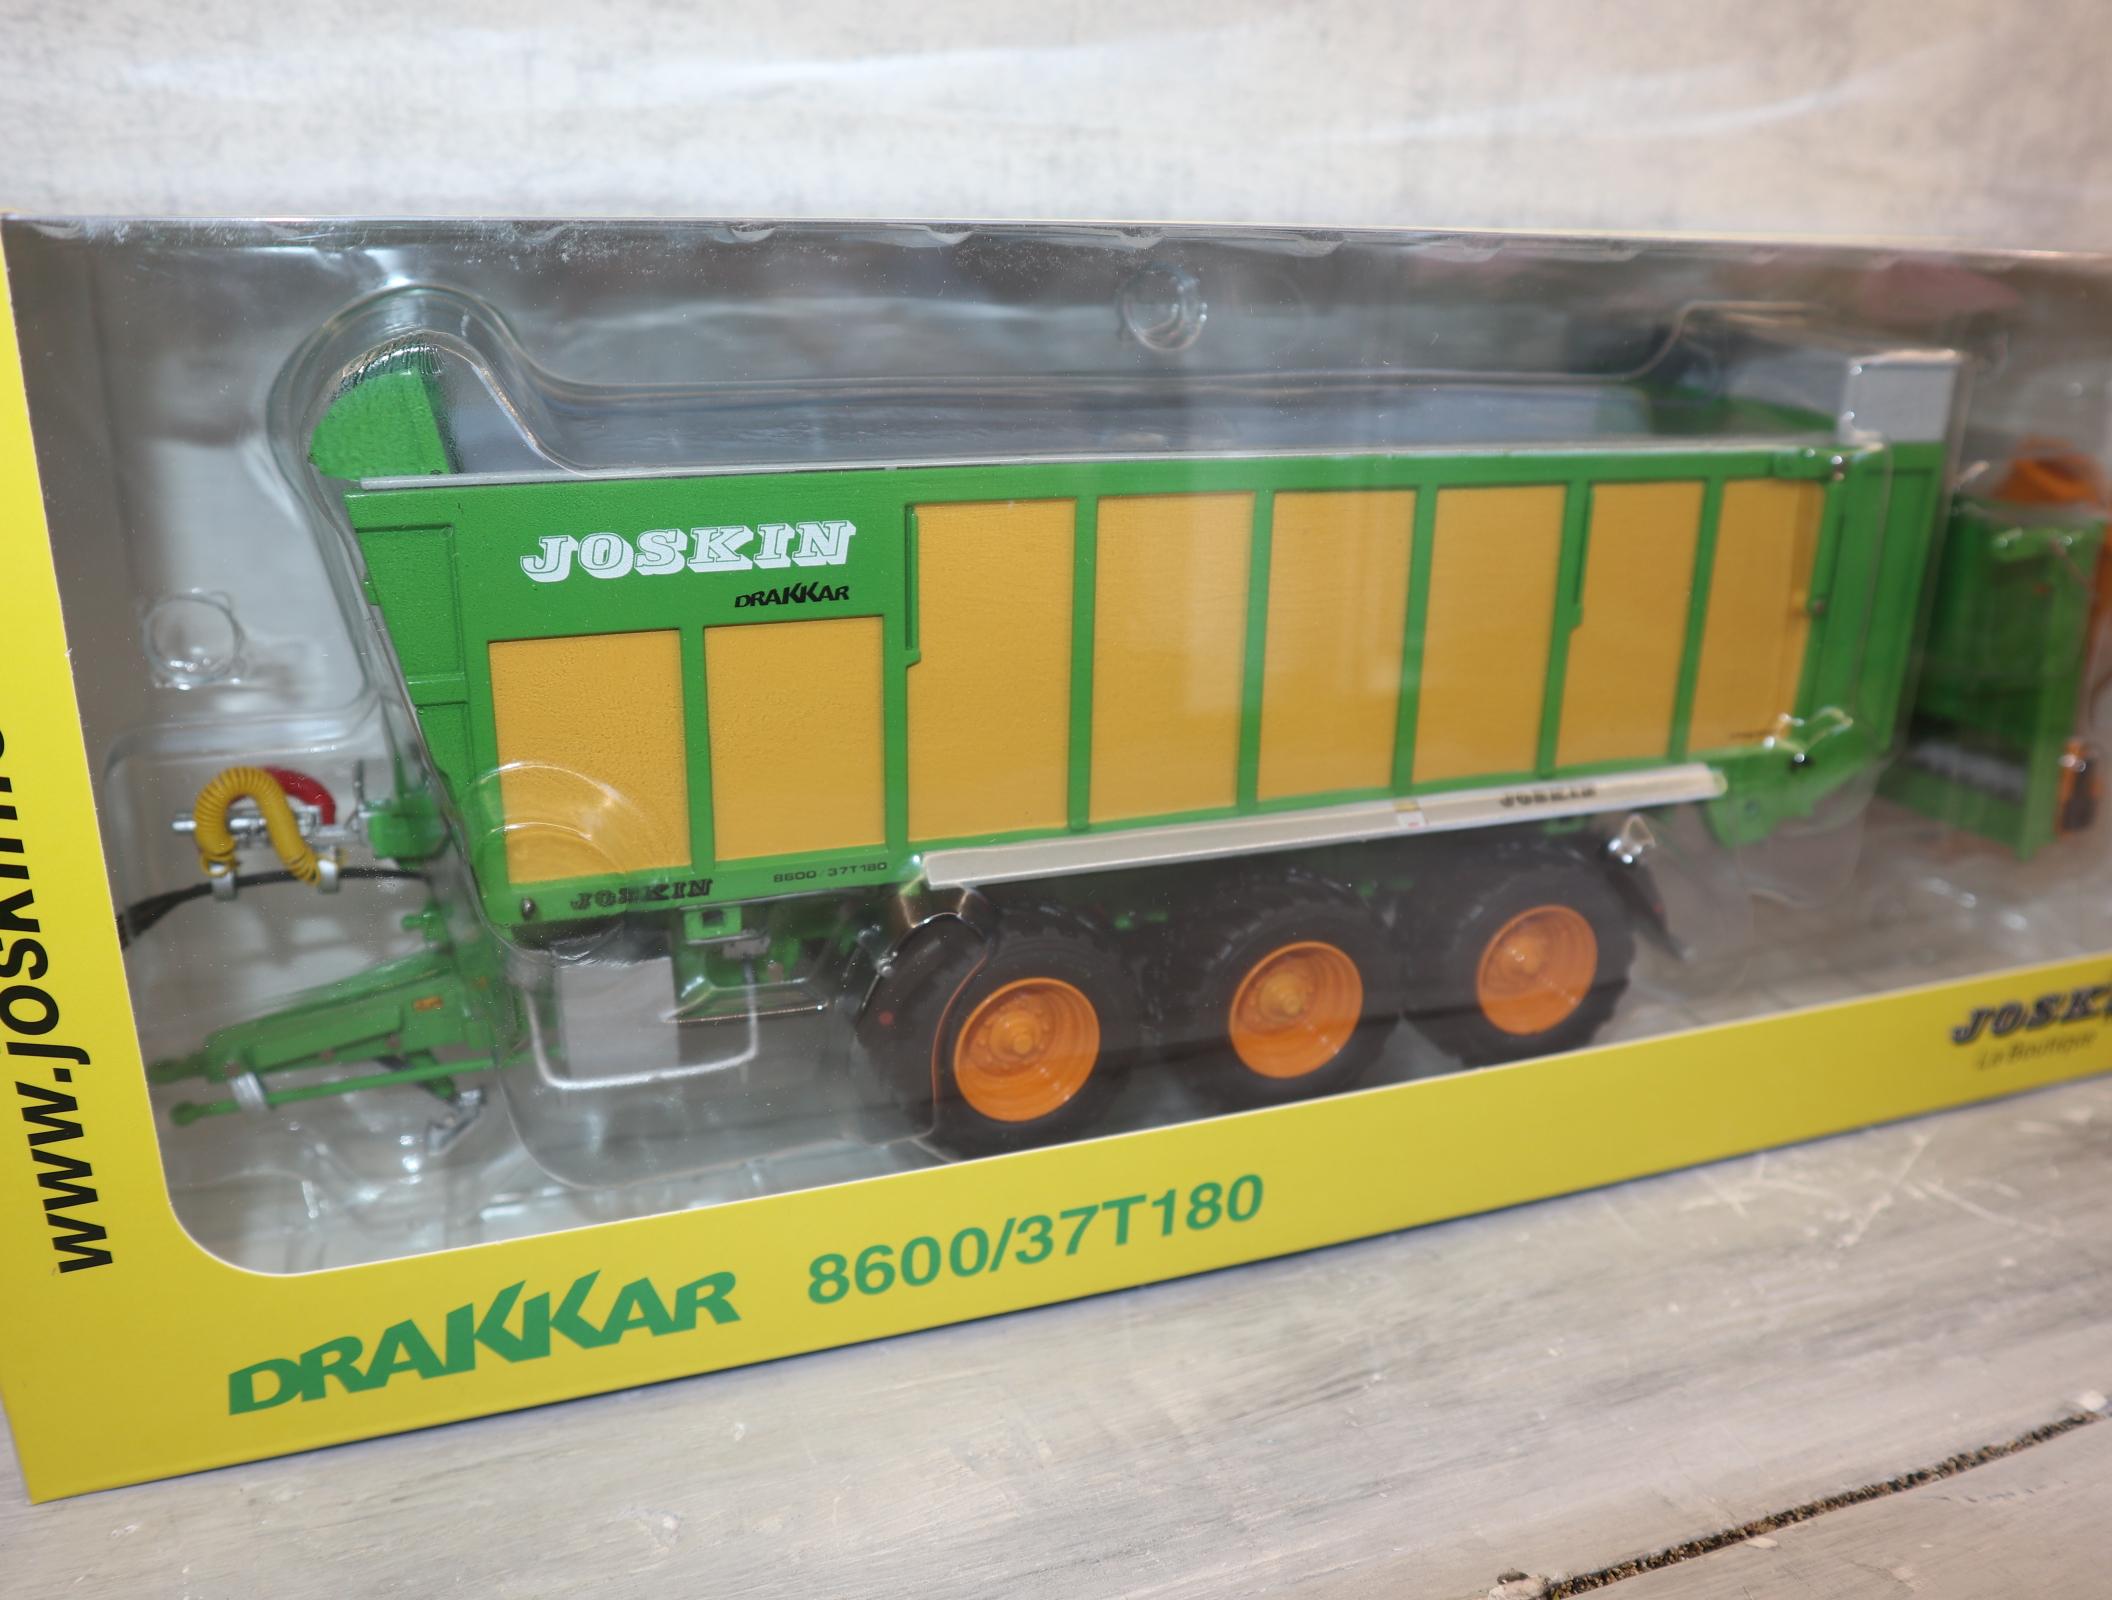 ROS 602267 in 1:32 Joskin Drakkar 86007T 180 mit Überladeschnecke in OVP